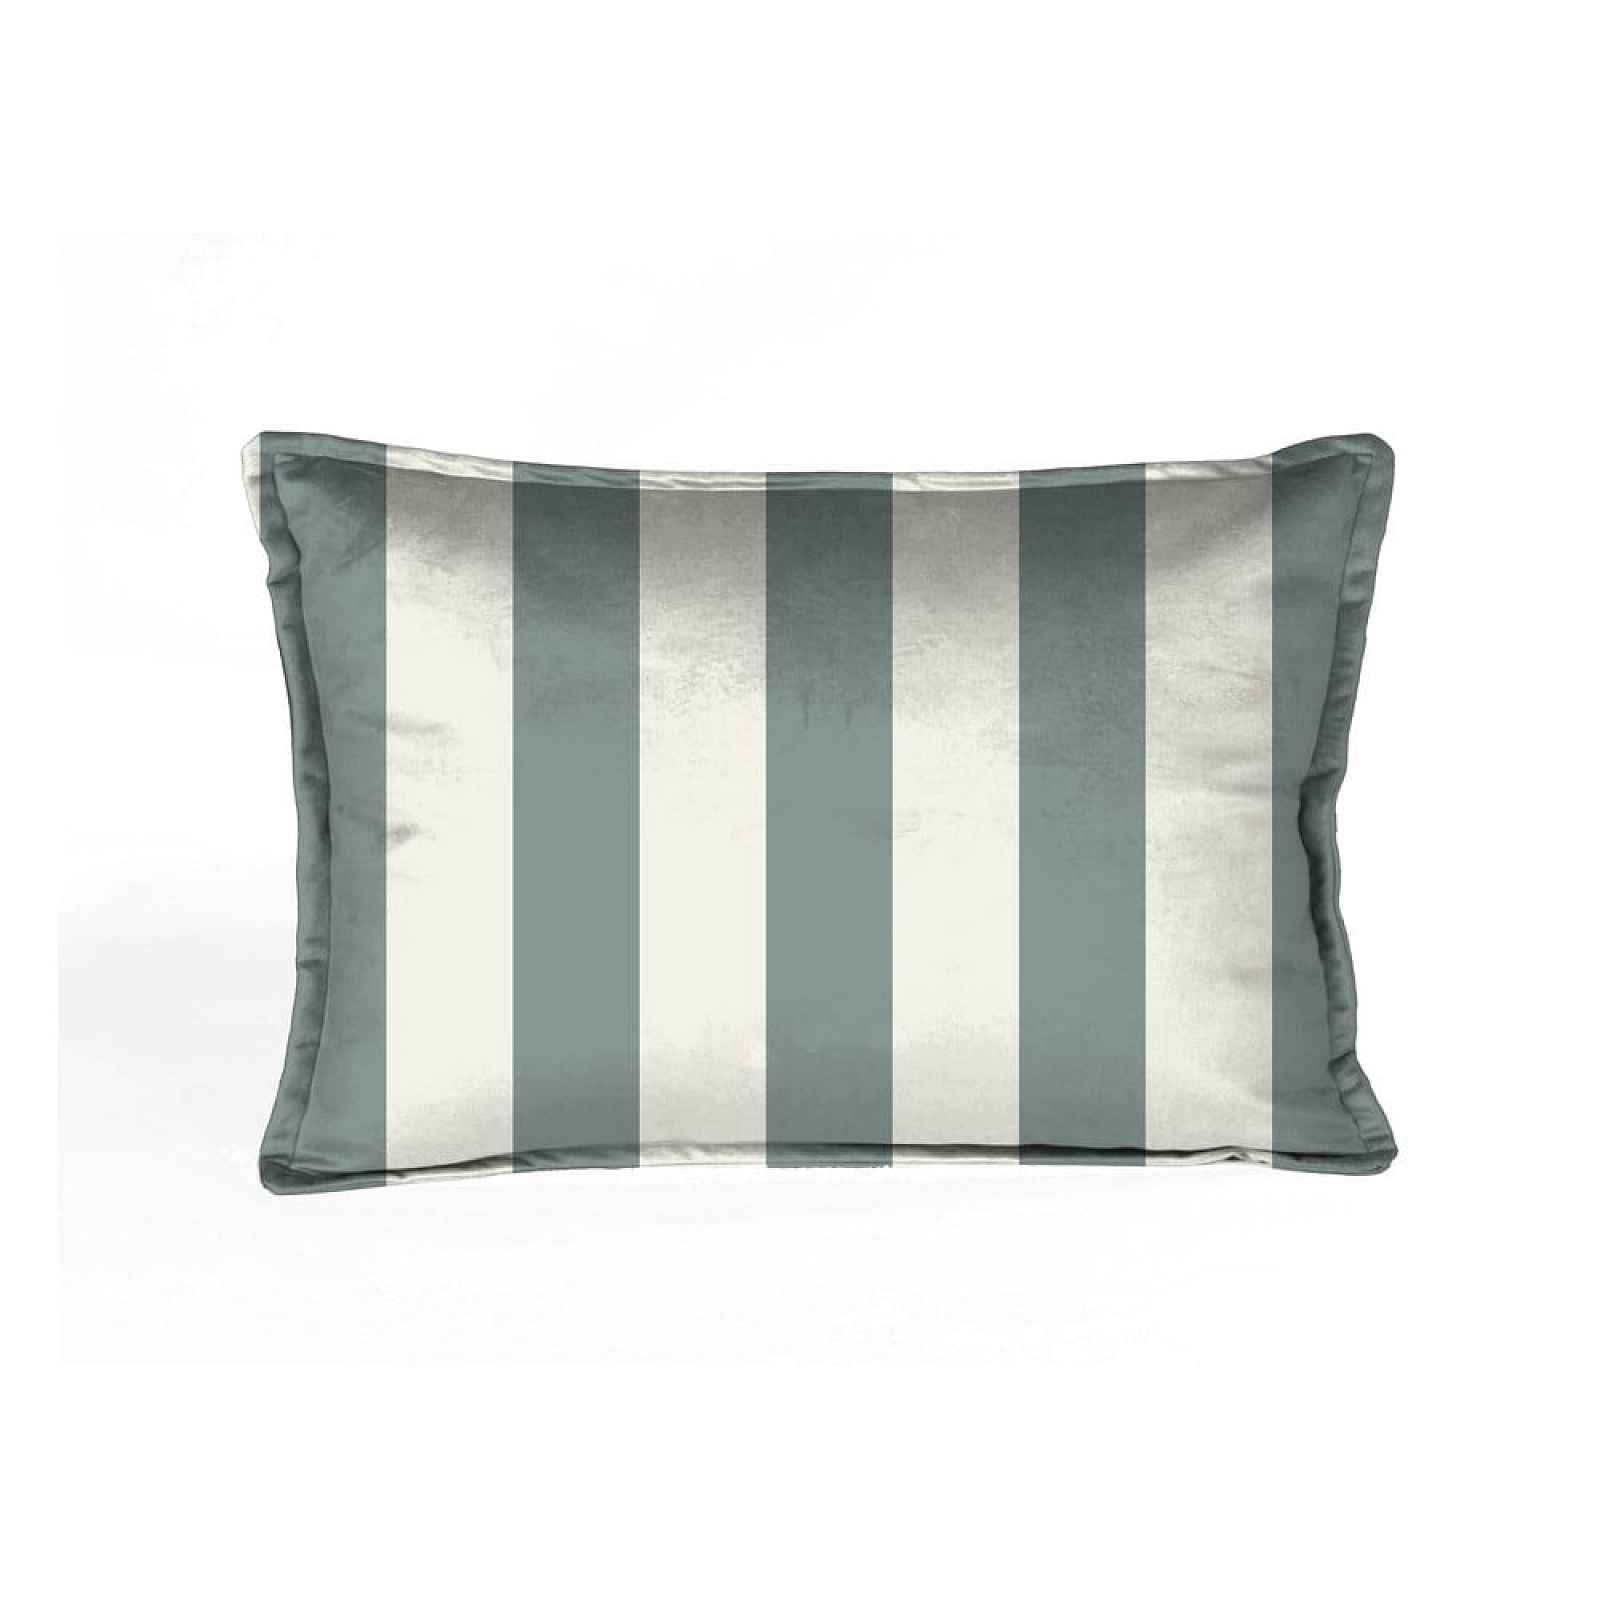 Bílo-zelený sametový polštář Velvet Atelier Turquoise,50x35cm